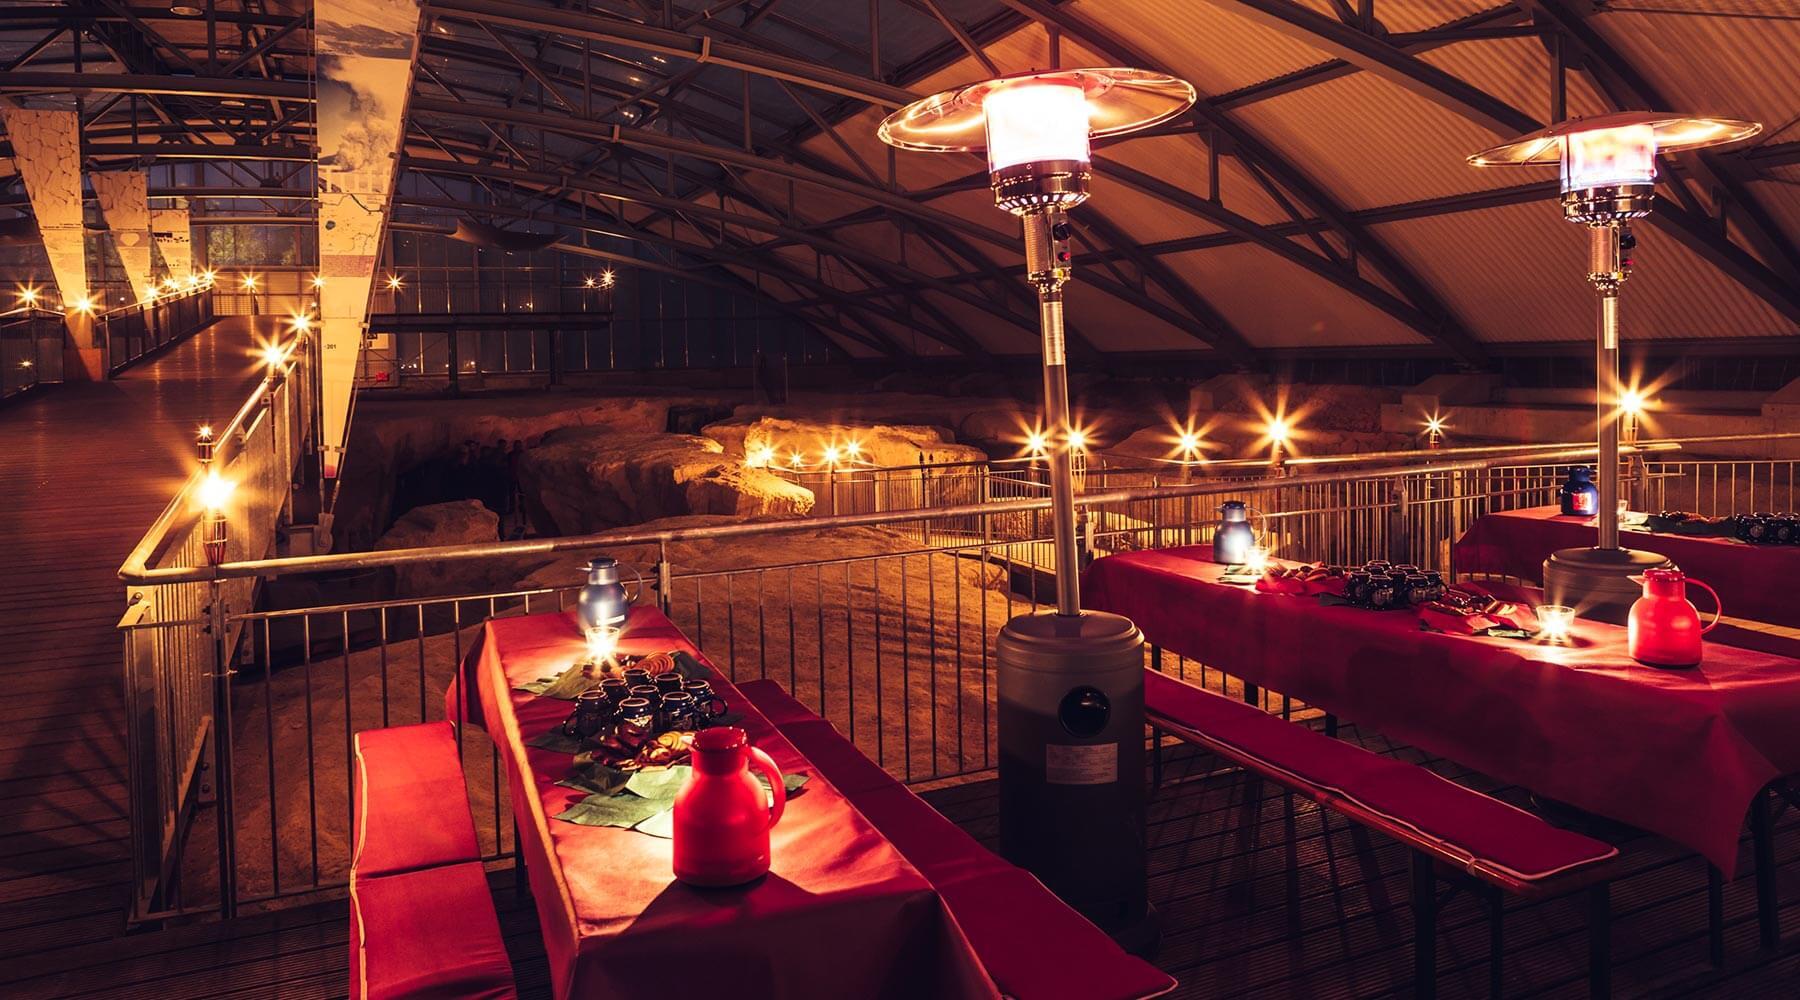 Vulkanpark, Römerbergwerk Meurin bei Nacht im Rahmen einer Fackelführung. Heiße Getränke und Gebäck warten auf die Teilnehmer.